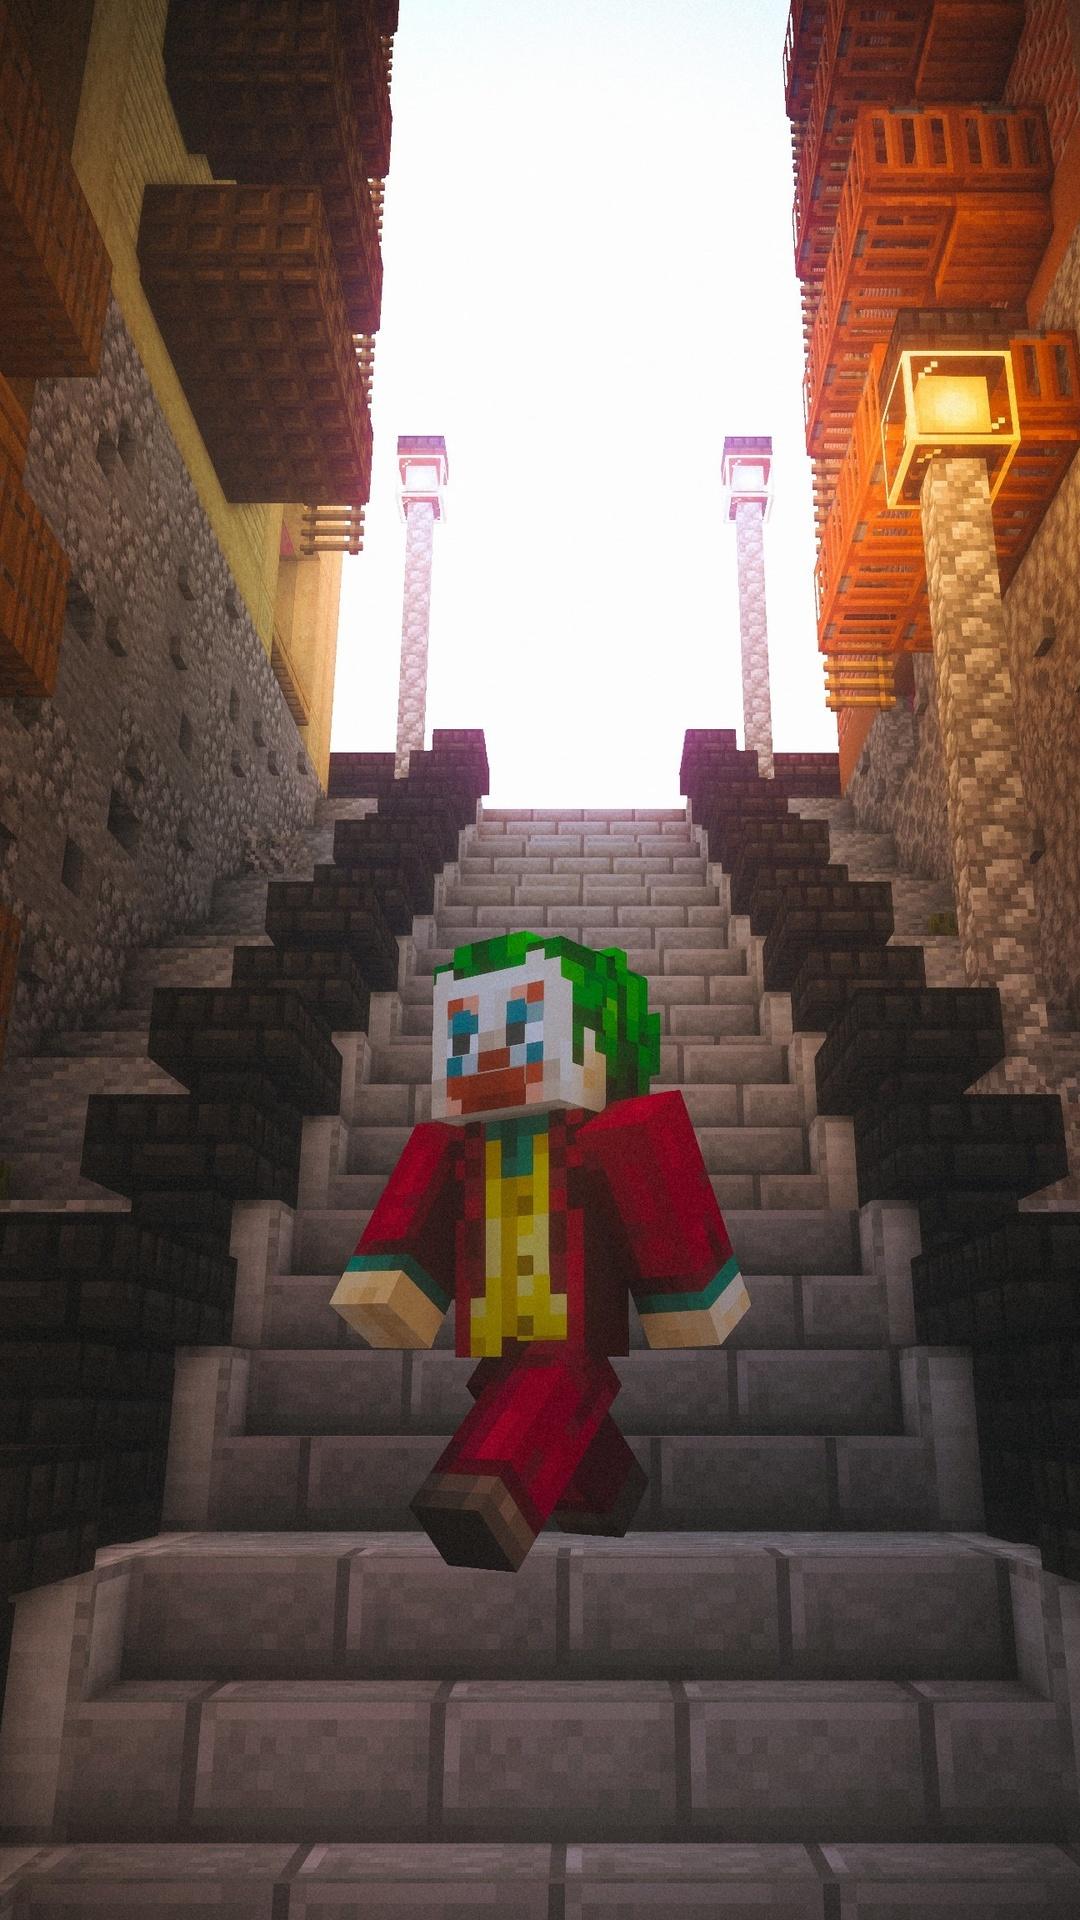 Wallpaper 4k Minecraft Joker